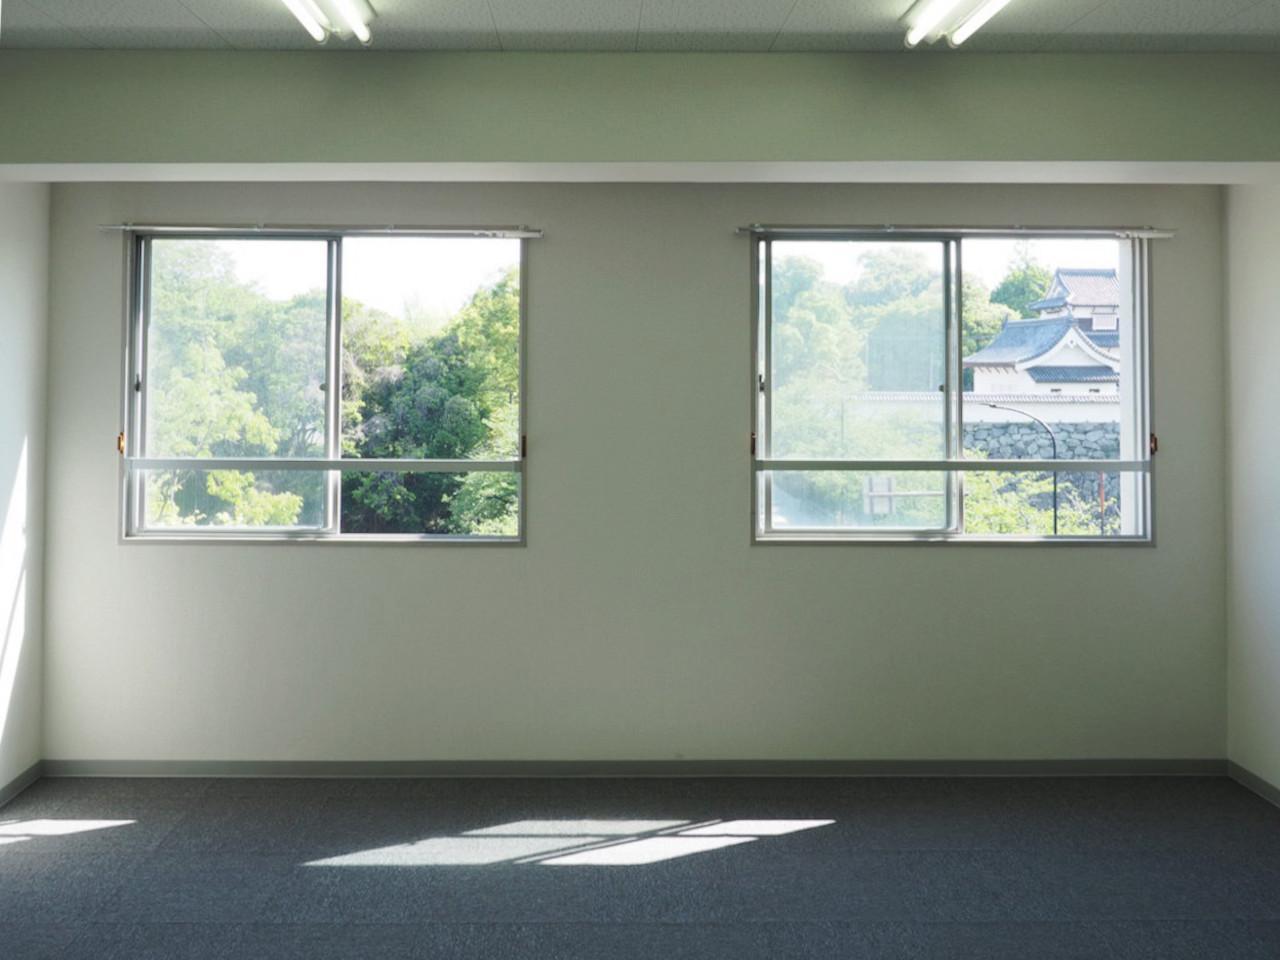 櫓を眺むオフィスでござる (福岡市中央区大手門の物件) - 福岡R不動産